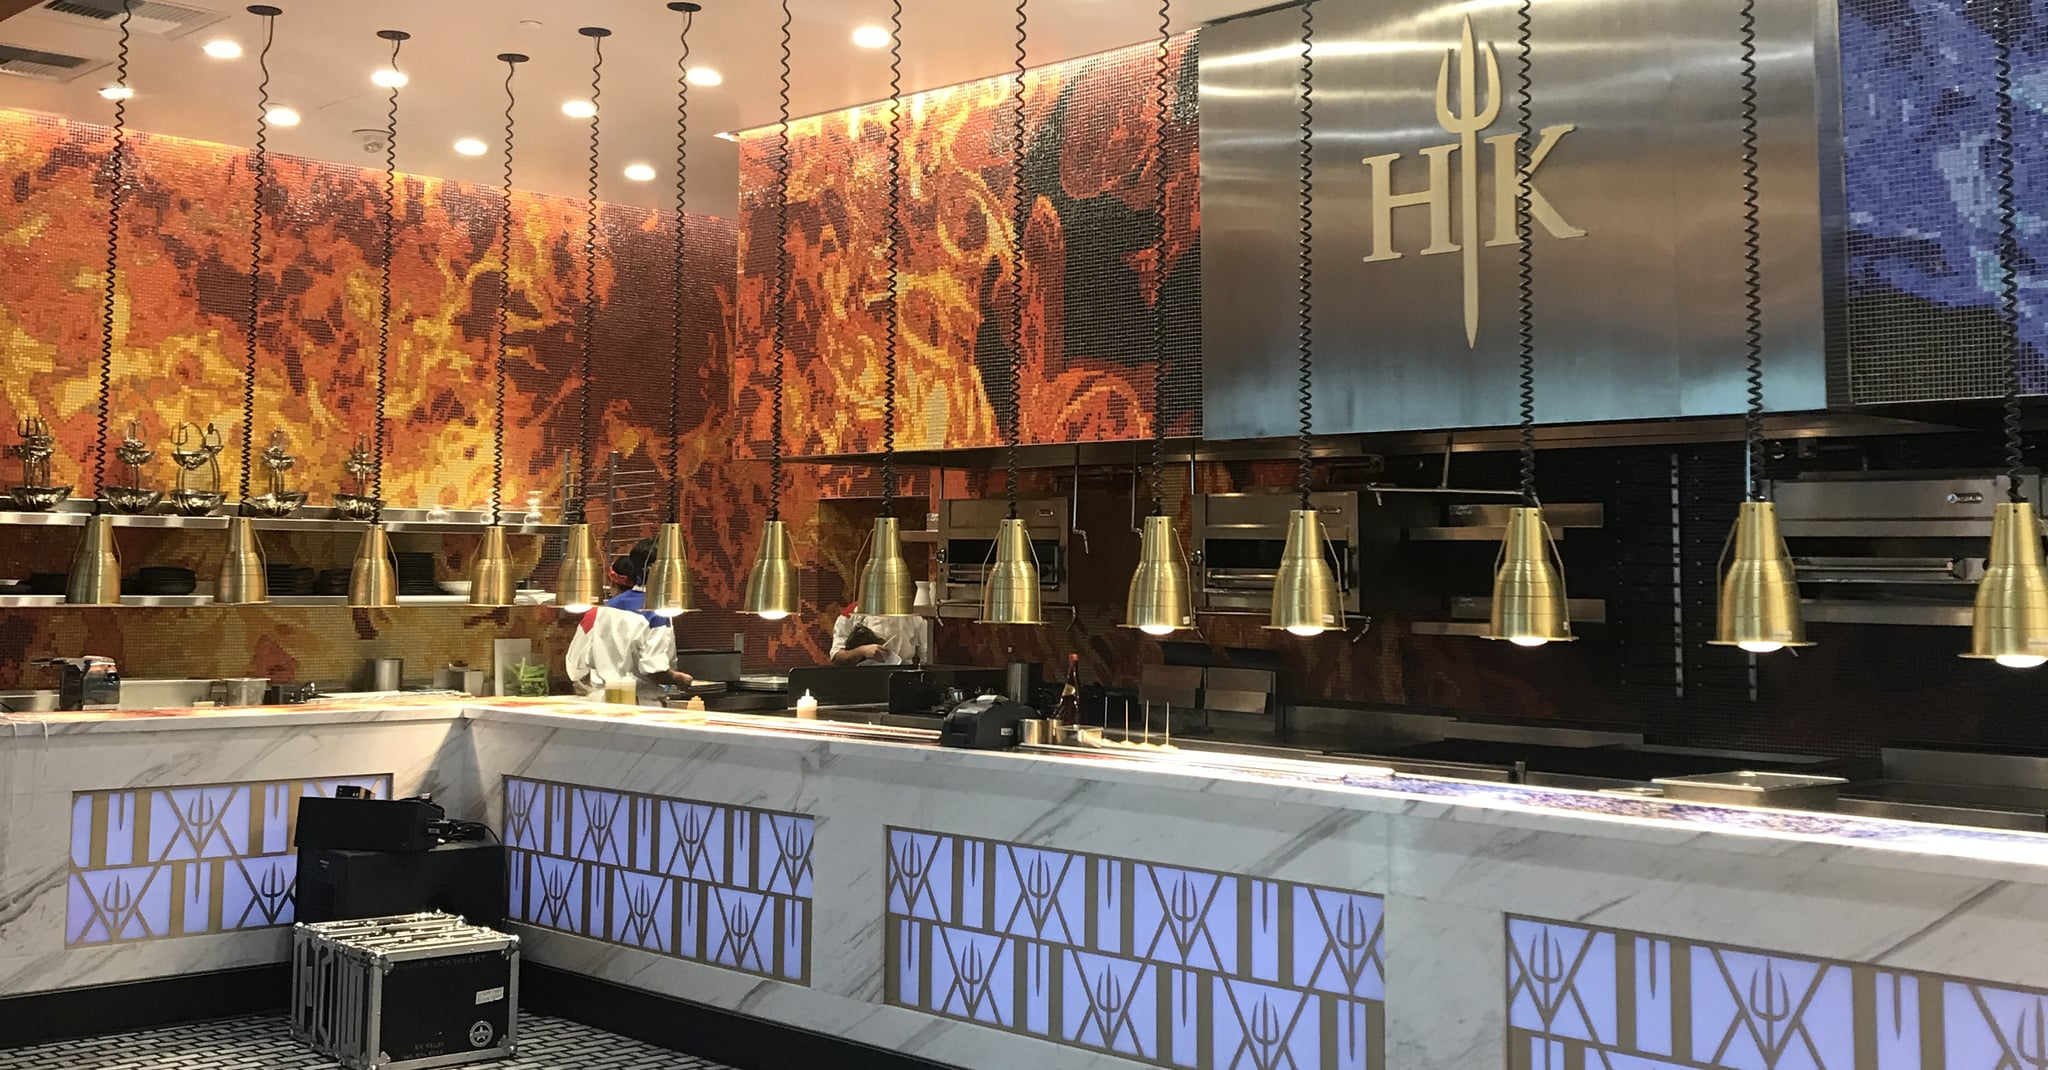 Gordon Ramsay Hells Kitchen Restaurant Menu With Prices POPSUGAR Food